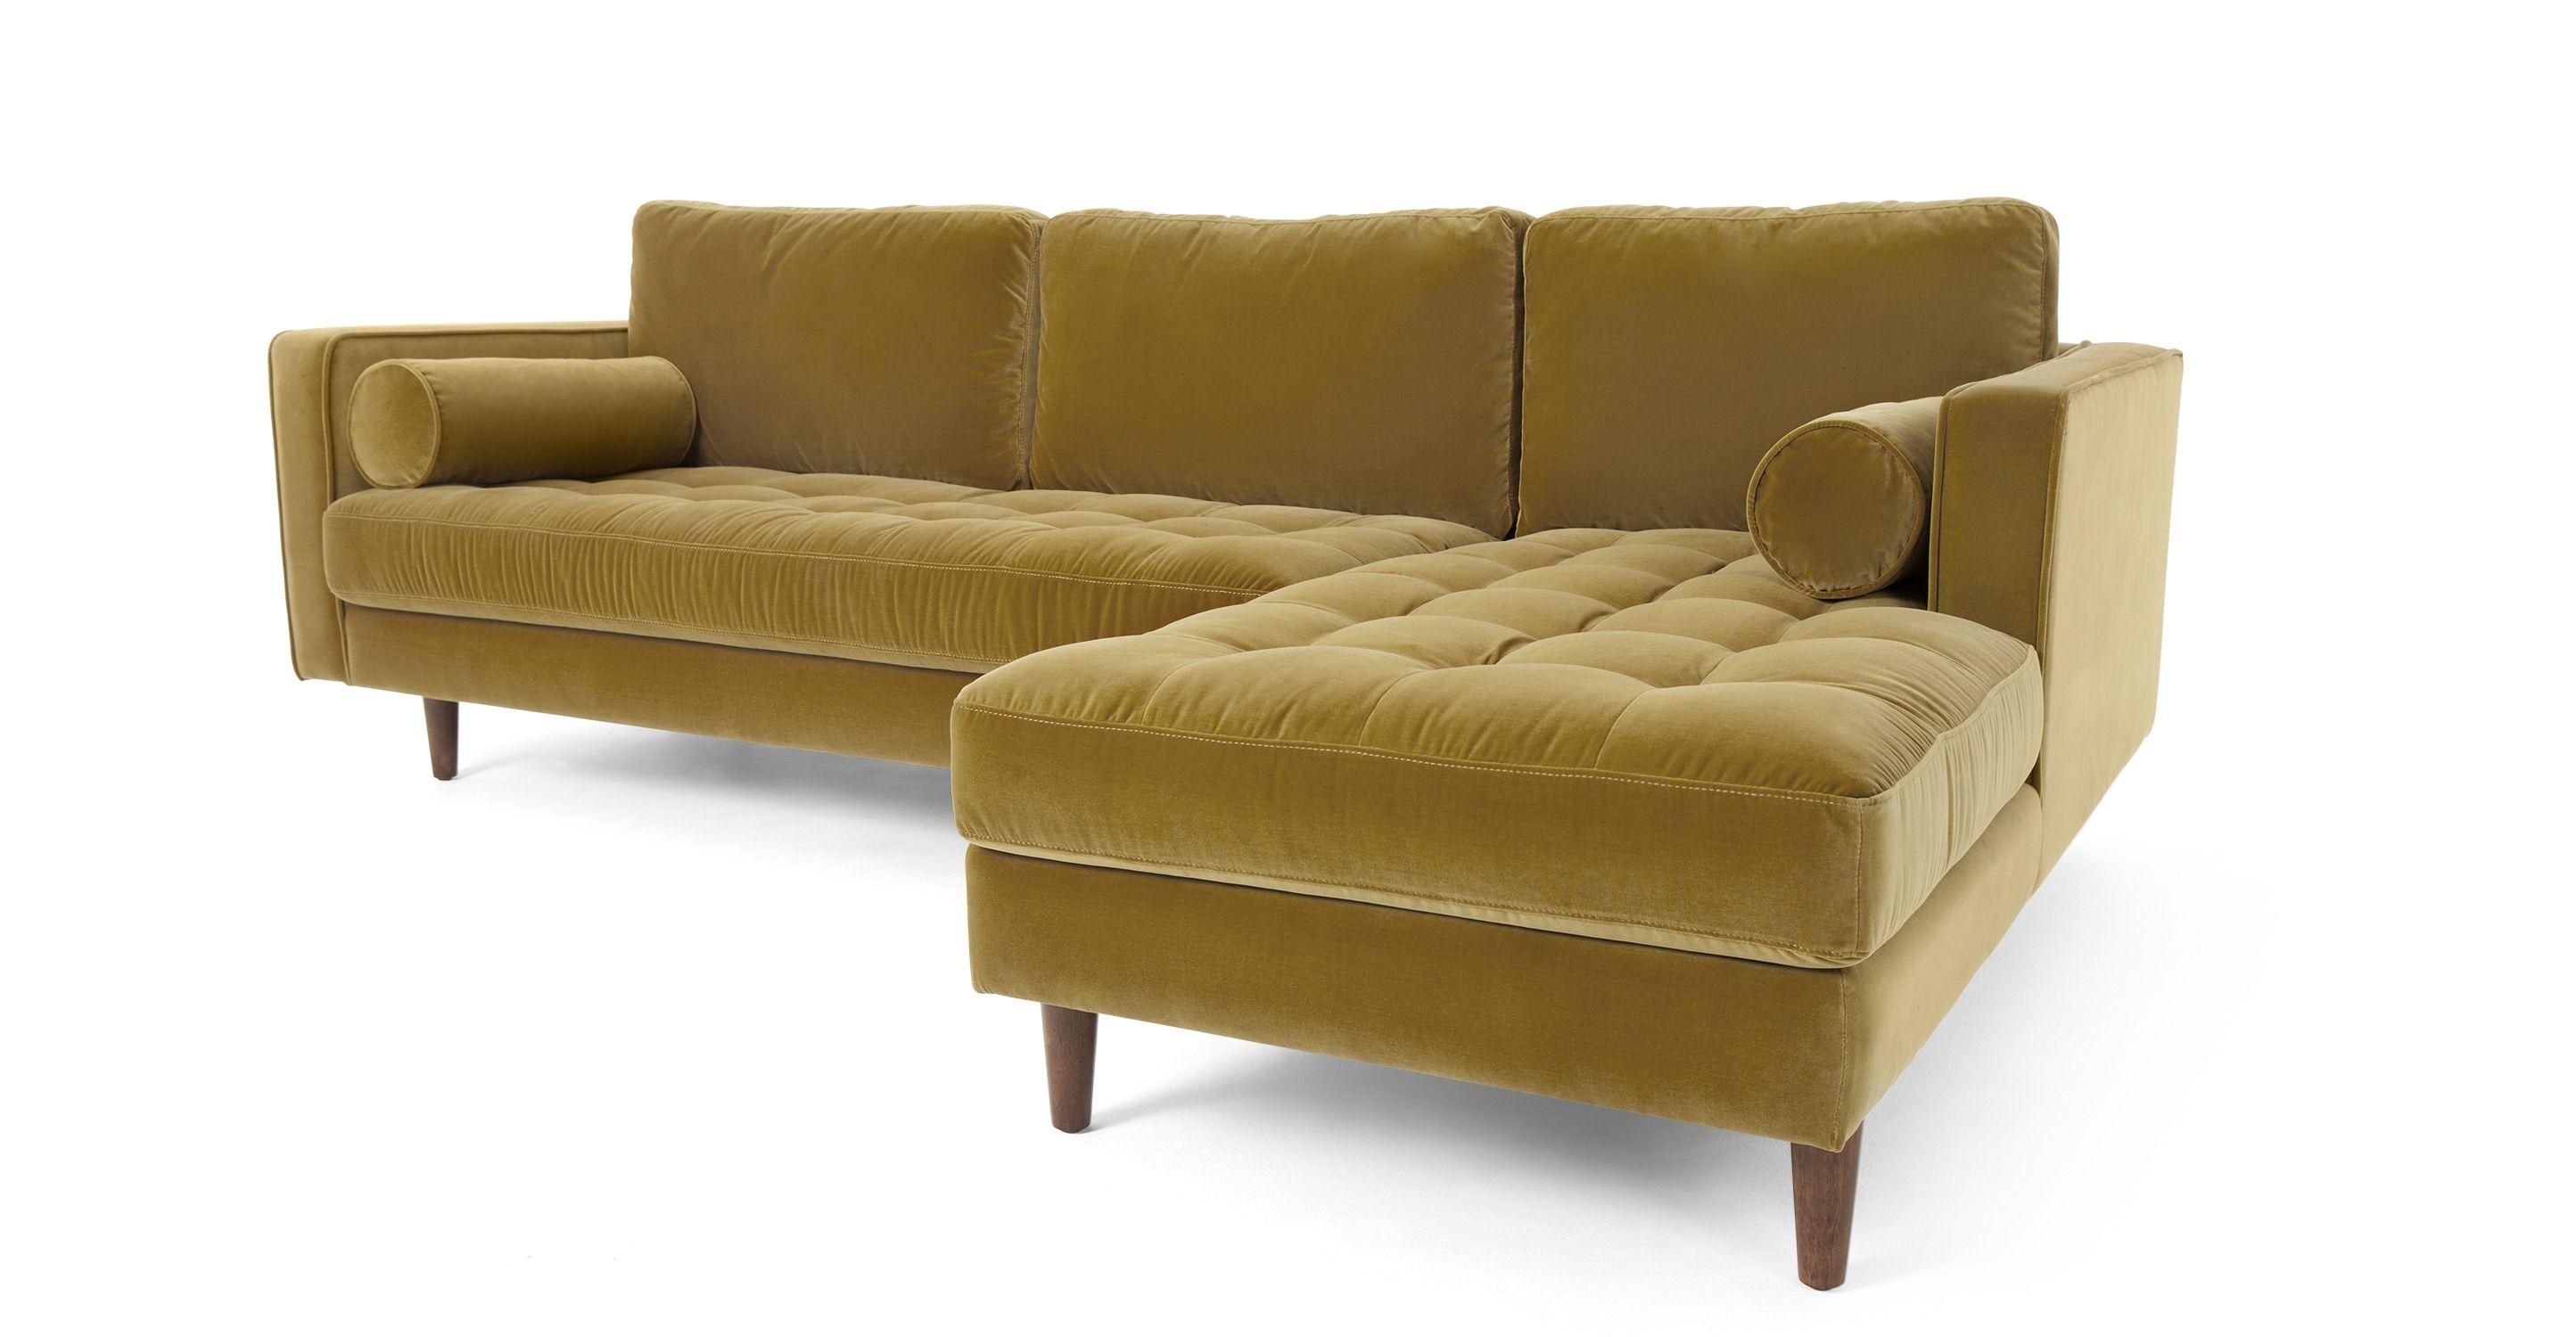 Sofa Wohnzimmer ~ Scott ecksofa récamiere rechts samt in gold made jetzt